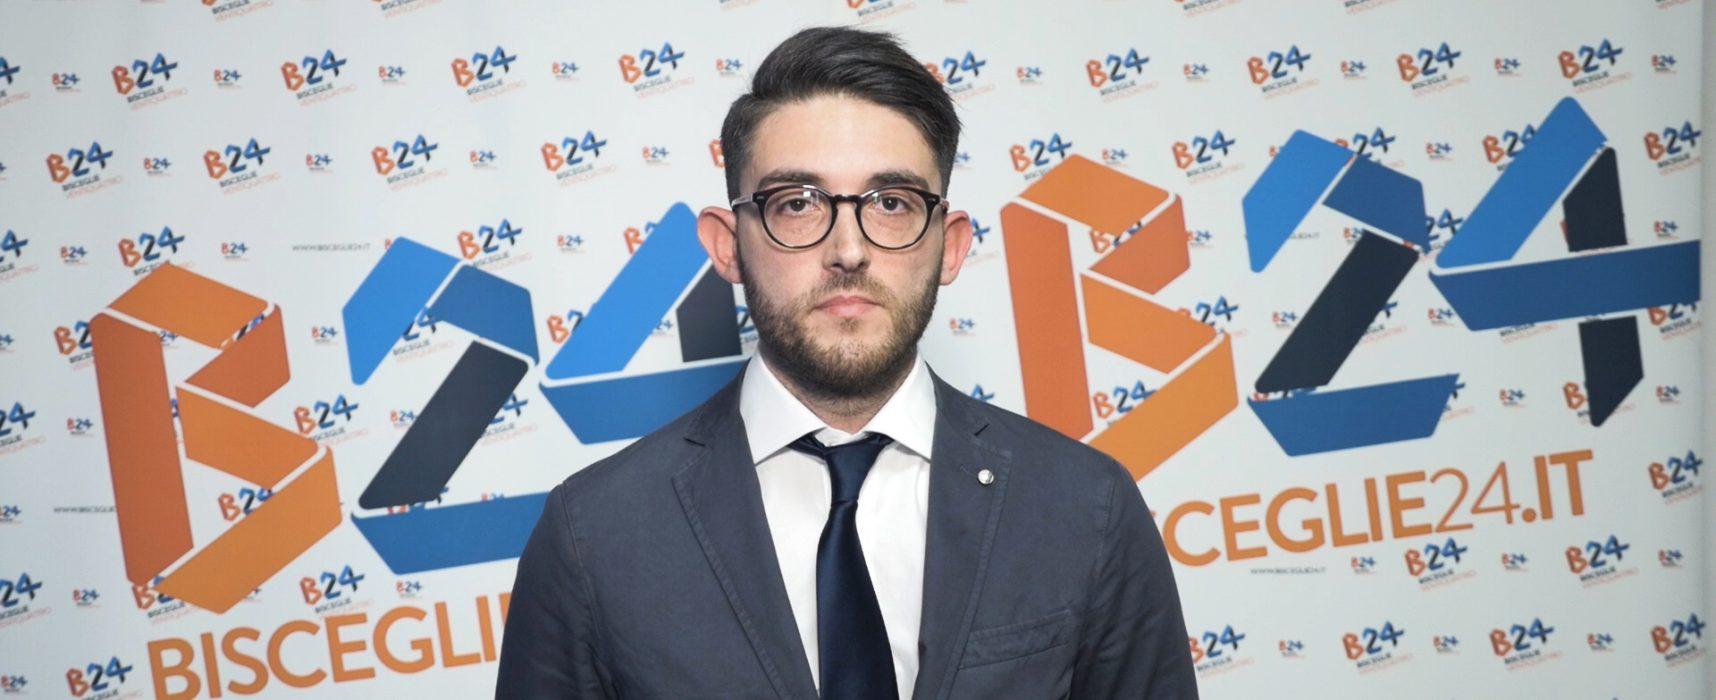 """""""Consiglieri 24"""", la rubrica per conoscere i candidati / Fabio Troilo – VIDEO"""